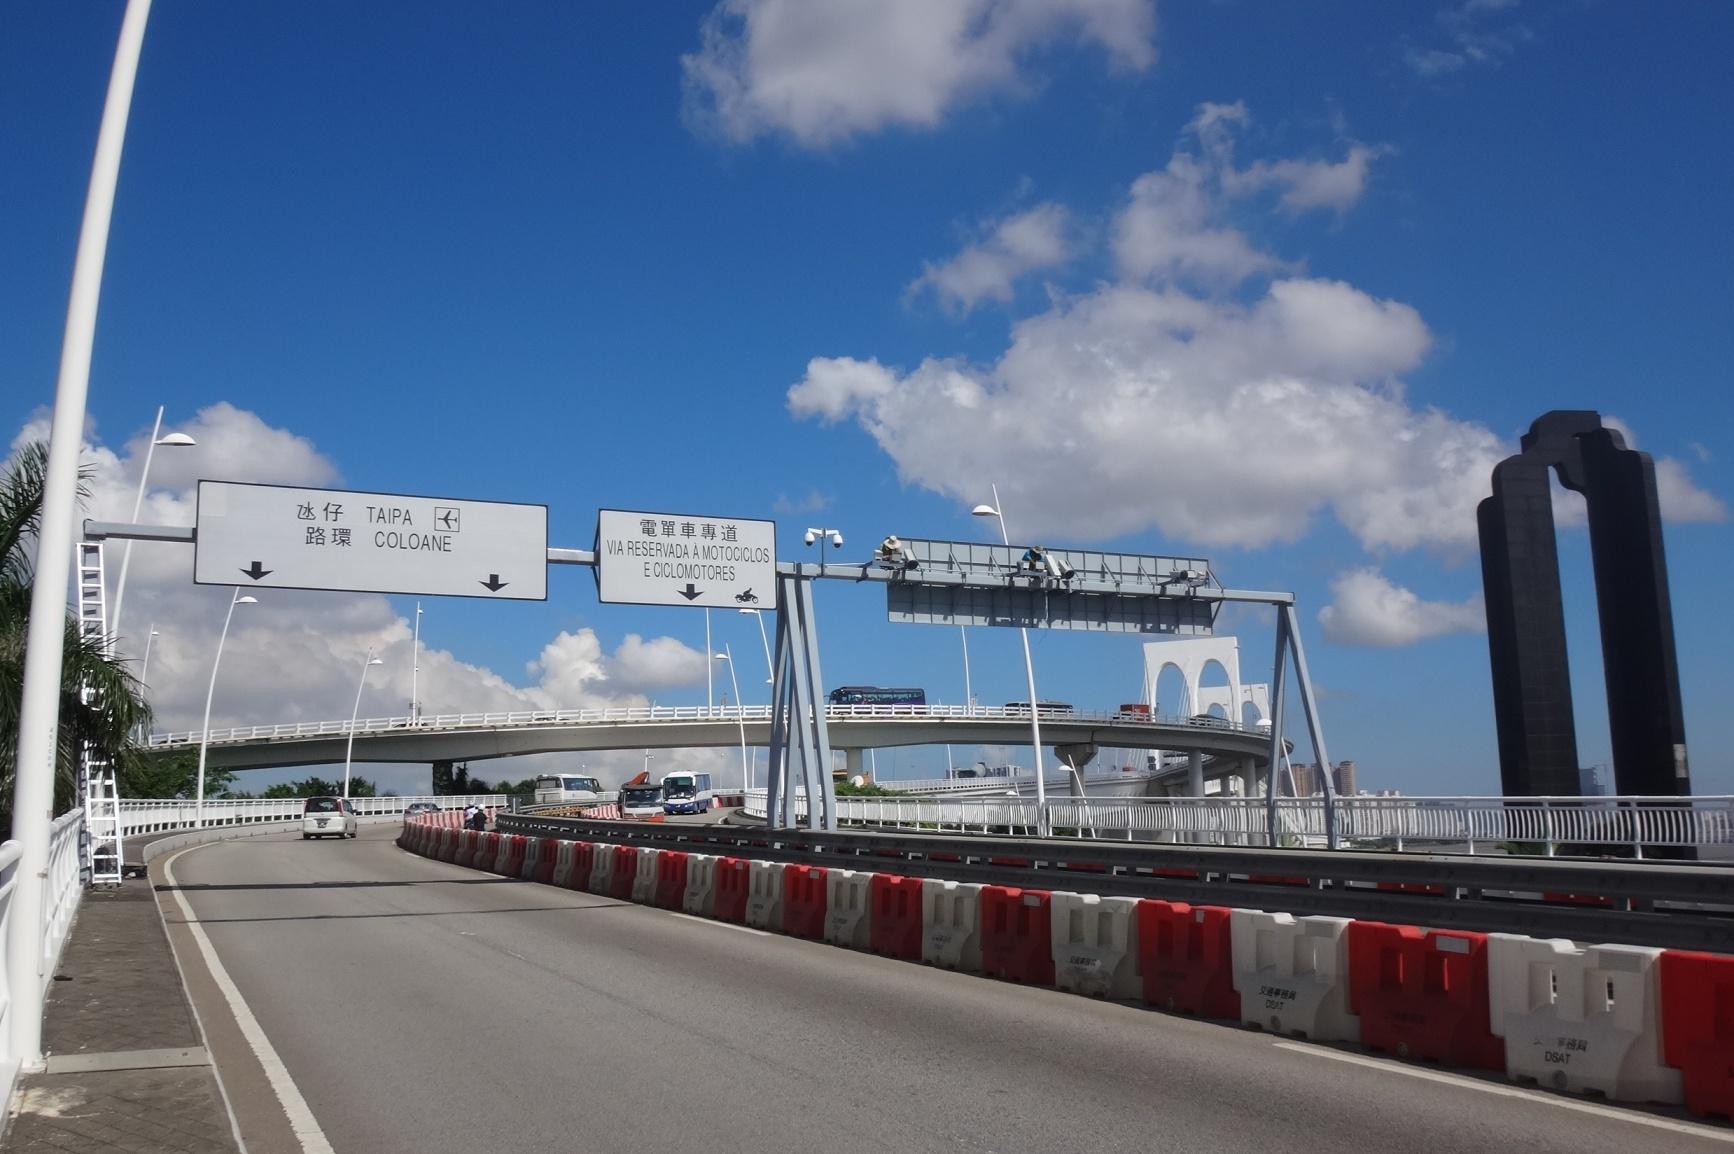 西灣大橋新增超速偵測系統